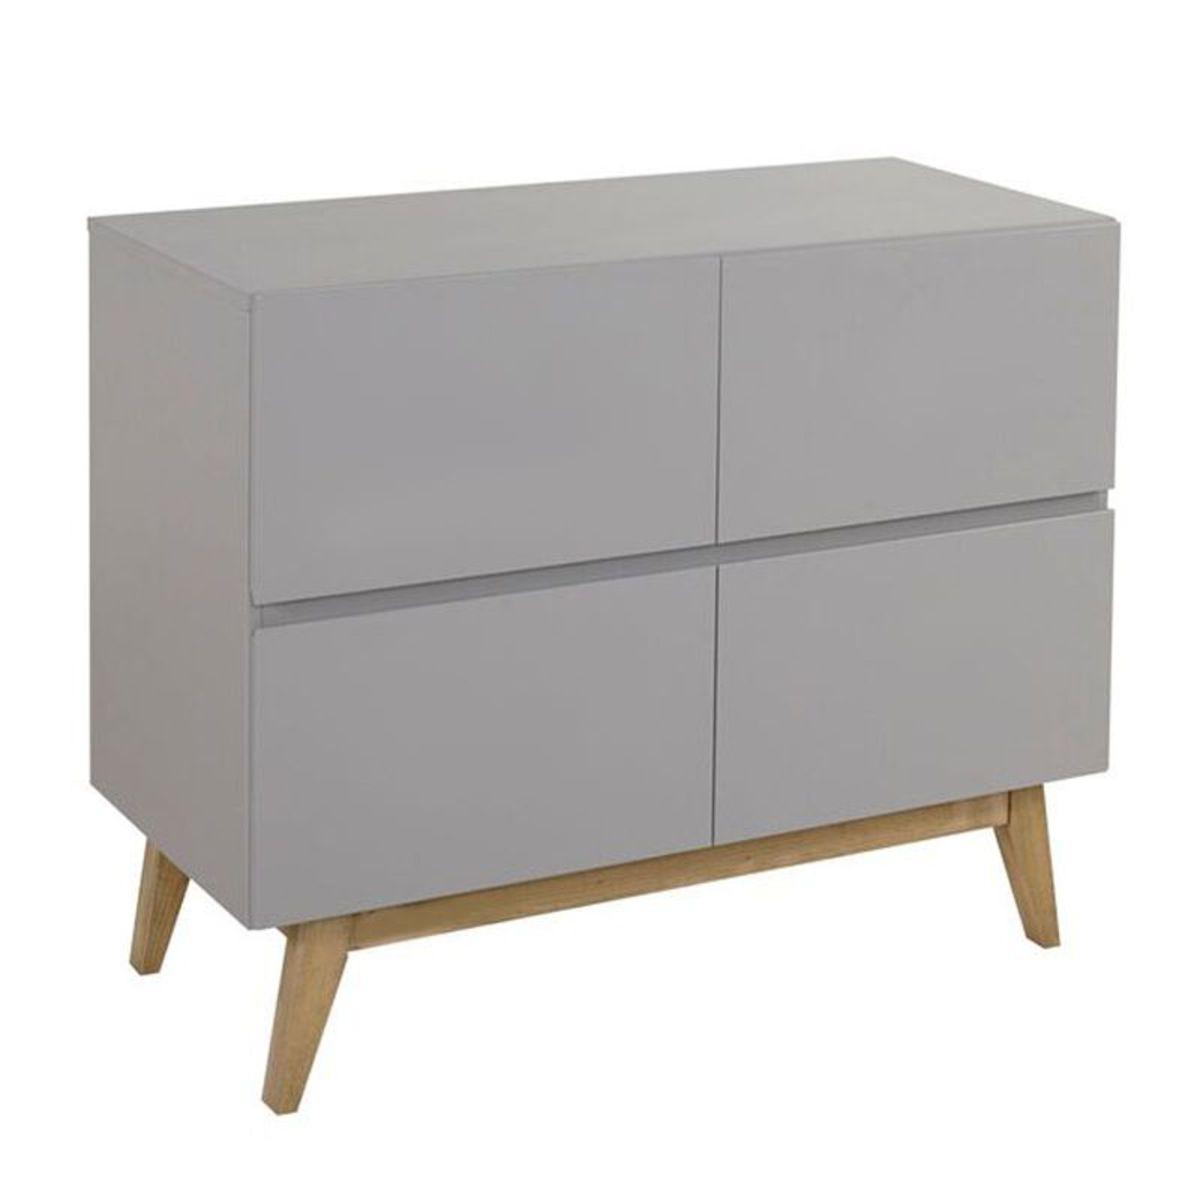 Quax commode trendy 4 tiroirs griffin commode quax sur - L armoire de bebe ...